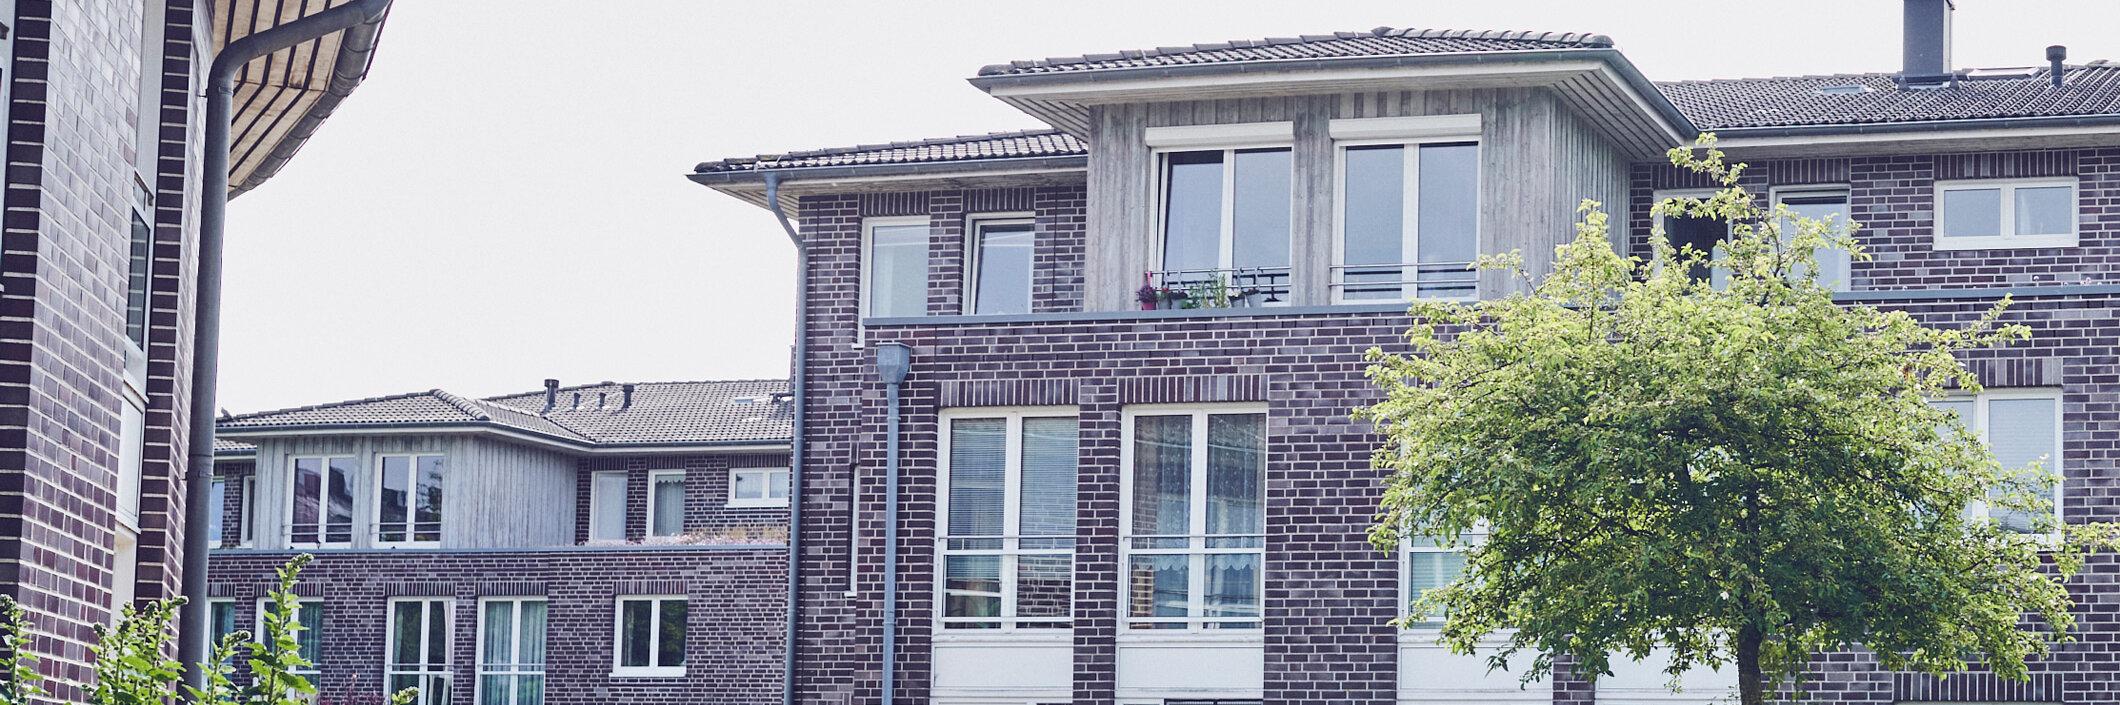 Von der Einfahrt kommend Blick auf mehrere gepflegte verklinkerte Häuser der Johanniter Seniorenanlage Heinrich-Gau in Wedel